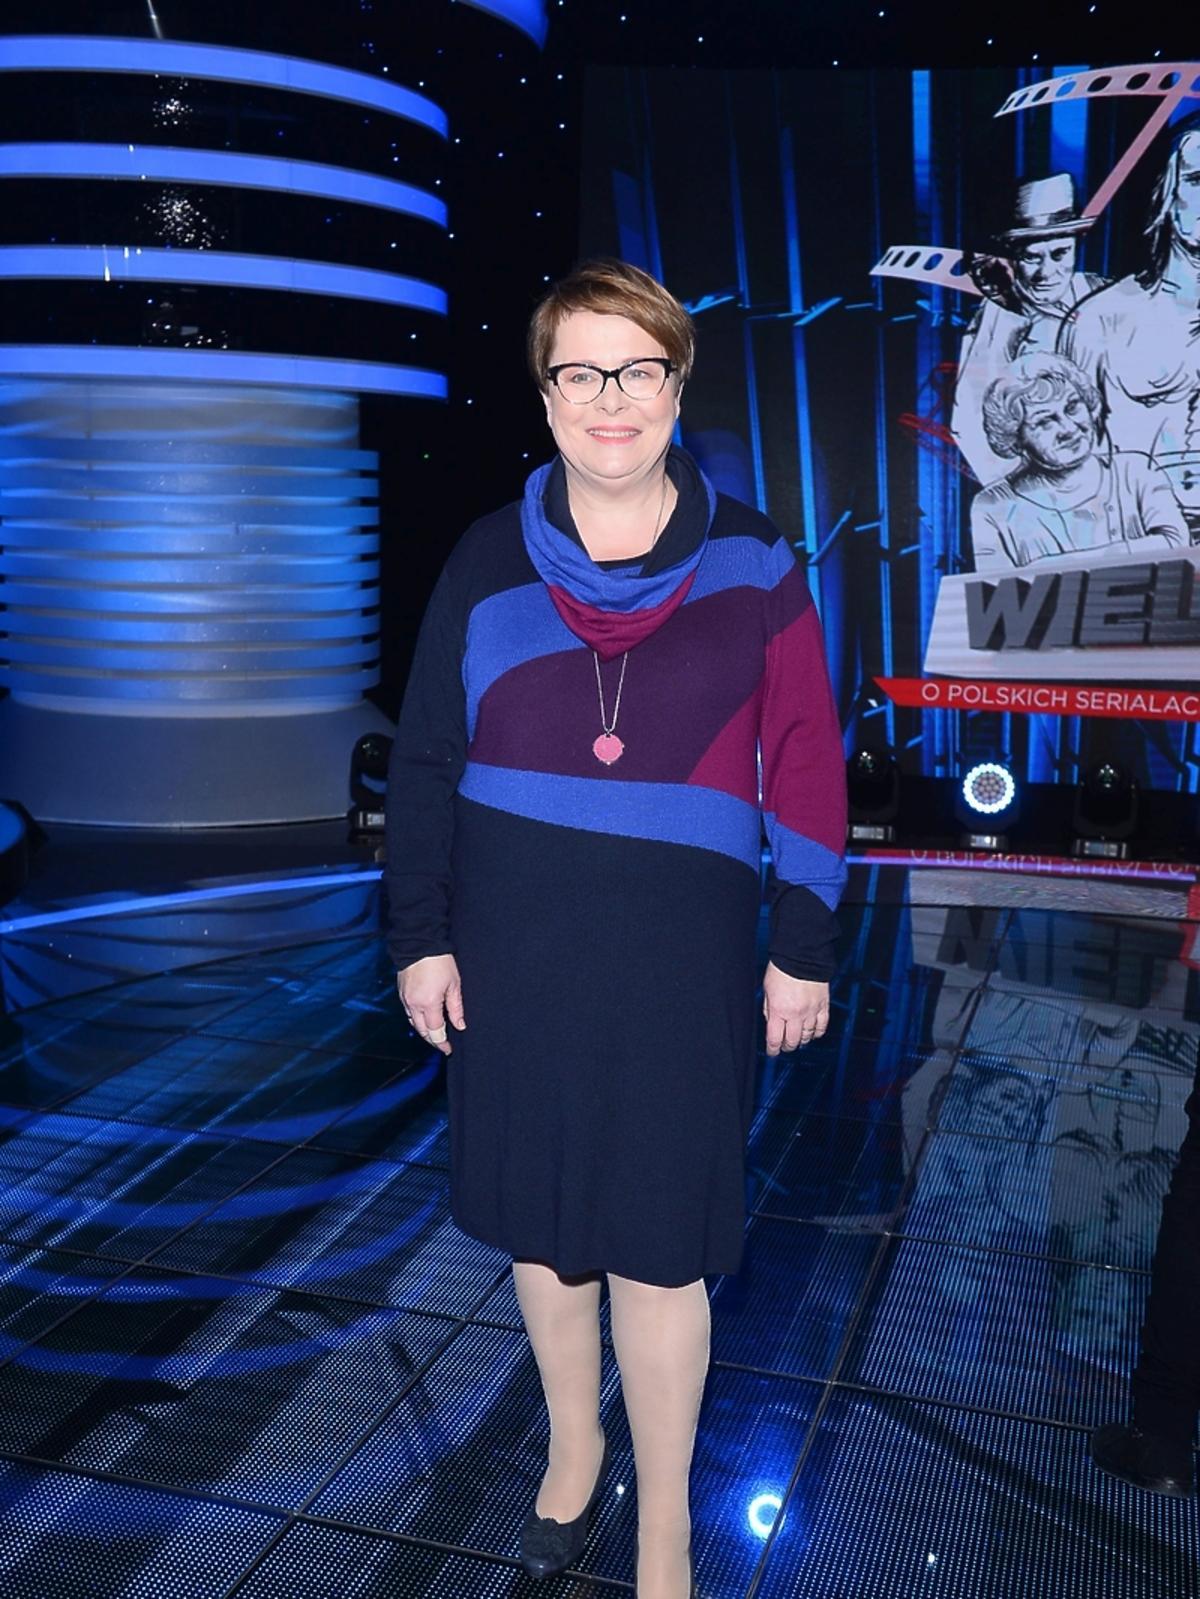 Ilona Łepkowska na Wielkim Teście TVP o serialach